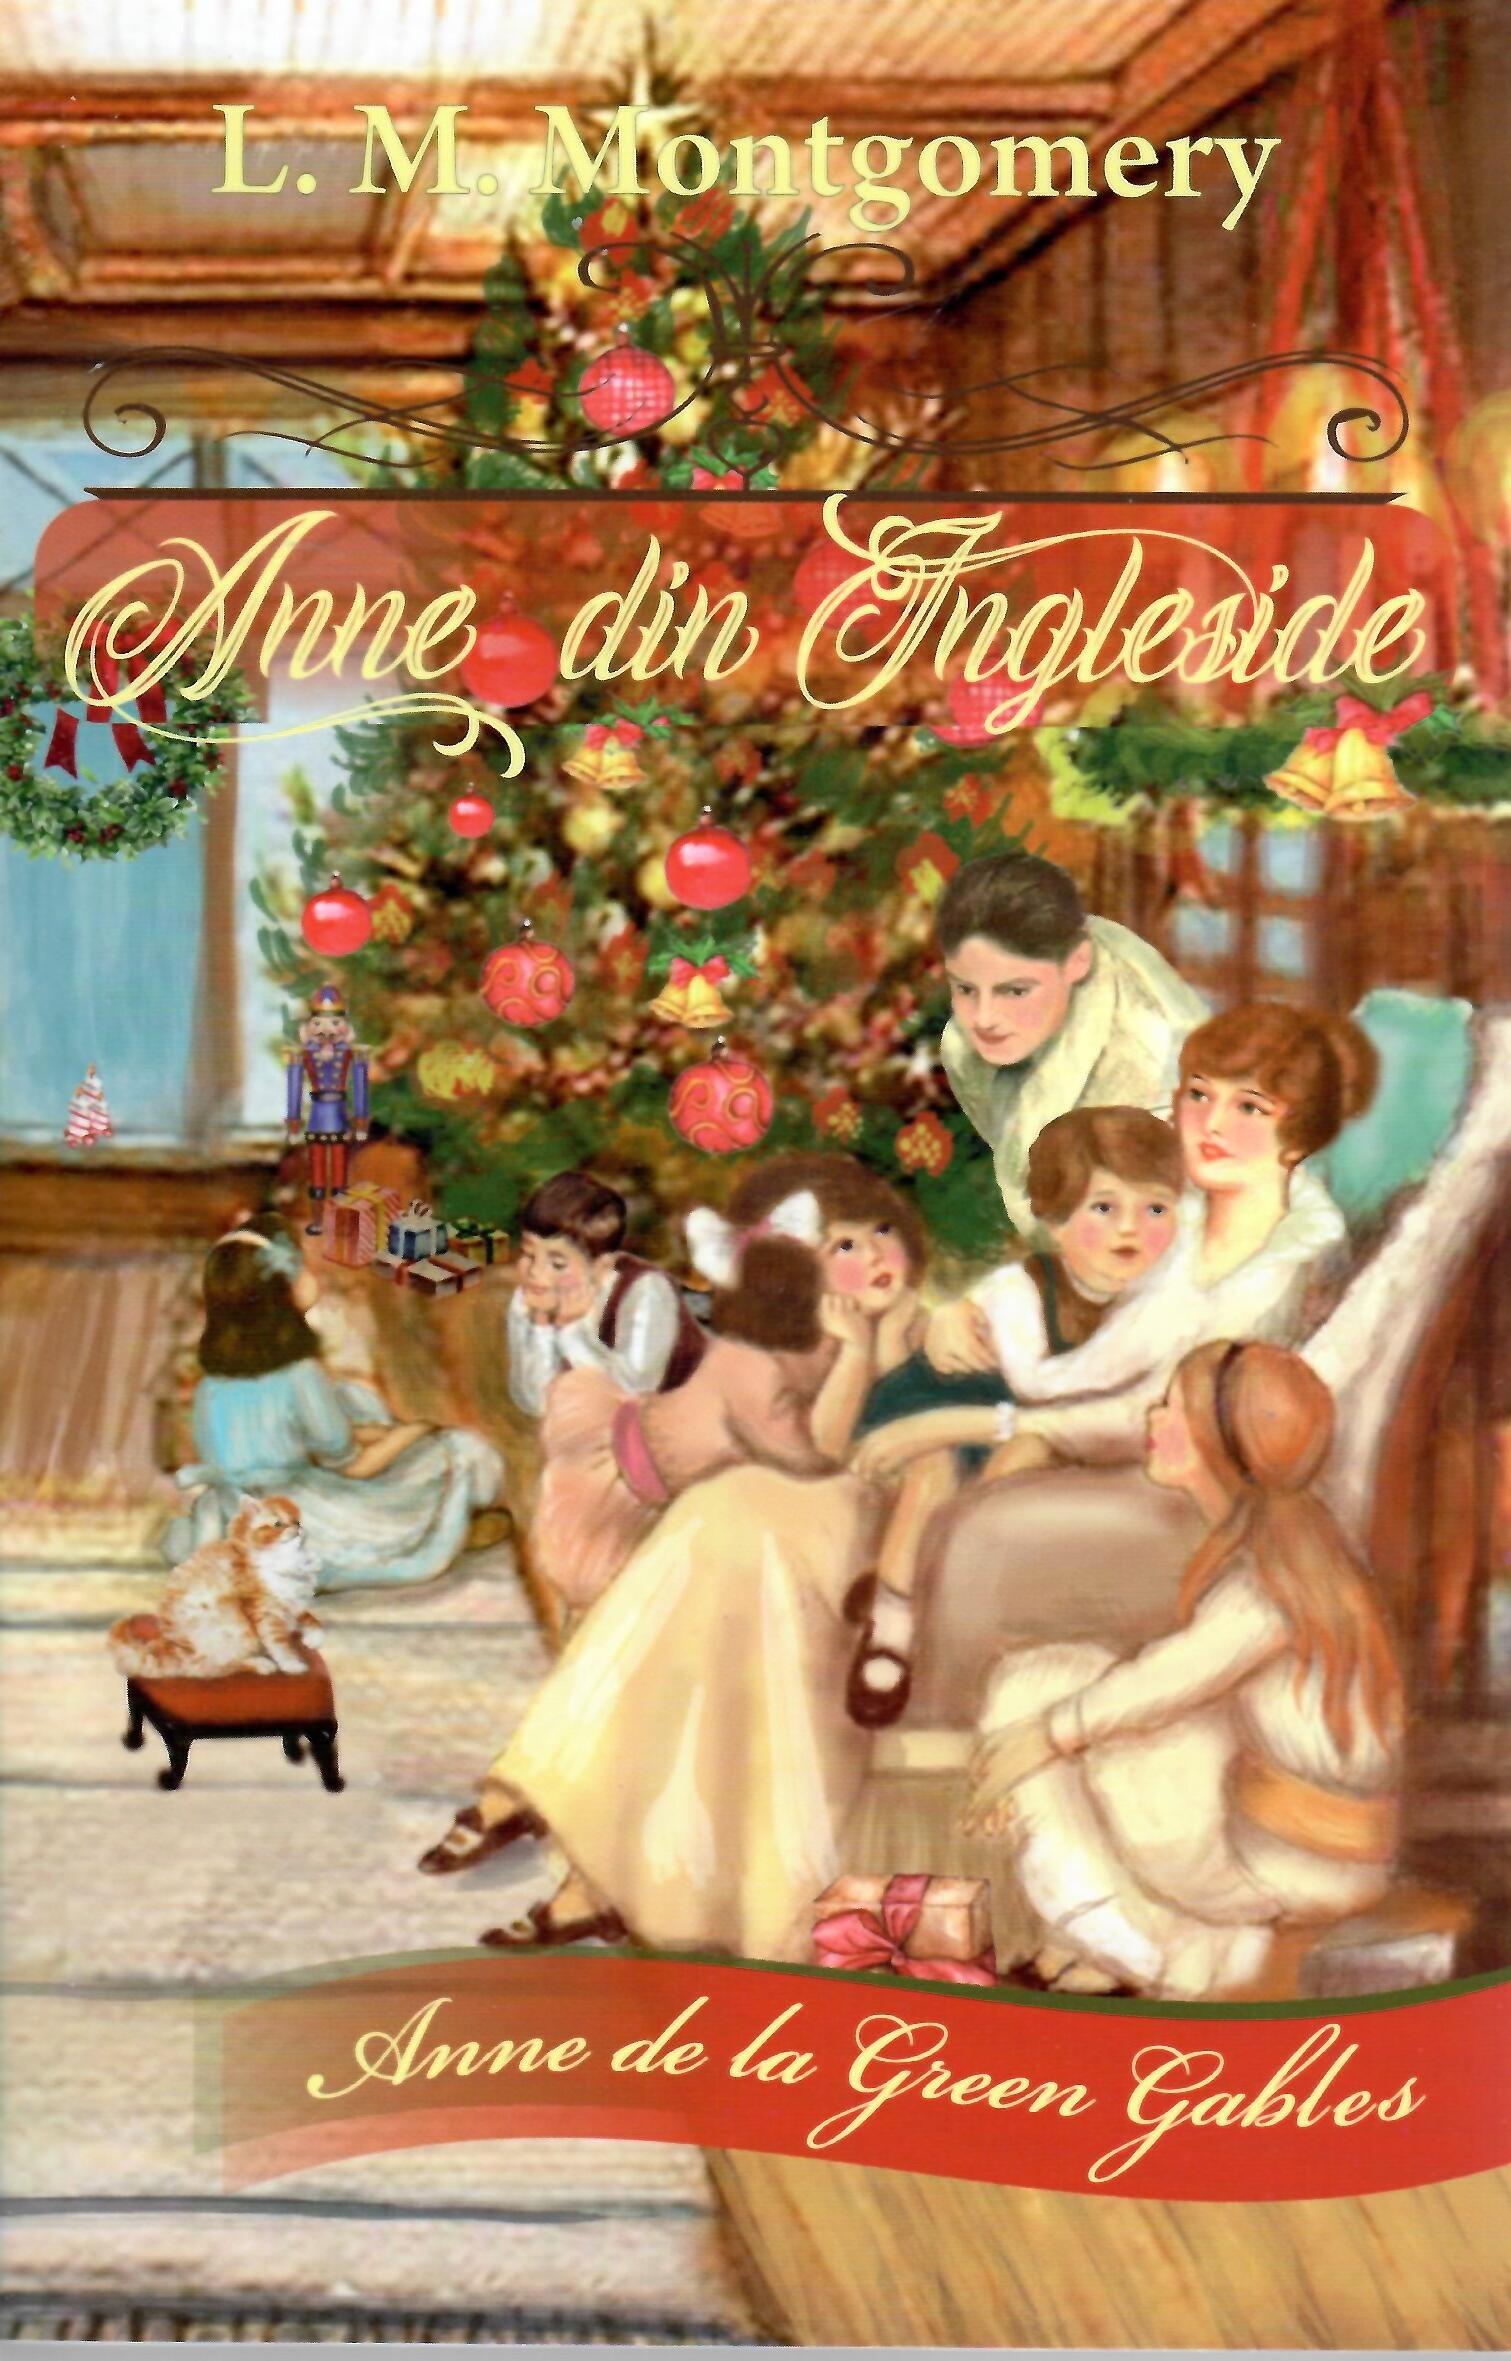 Anne din Ingleside, vol 6 - Anne de la Green Gables